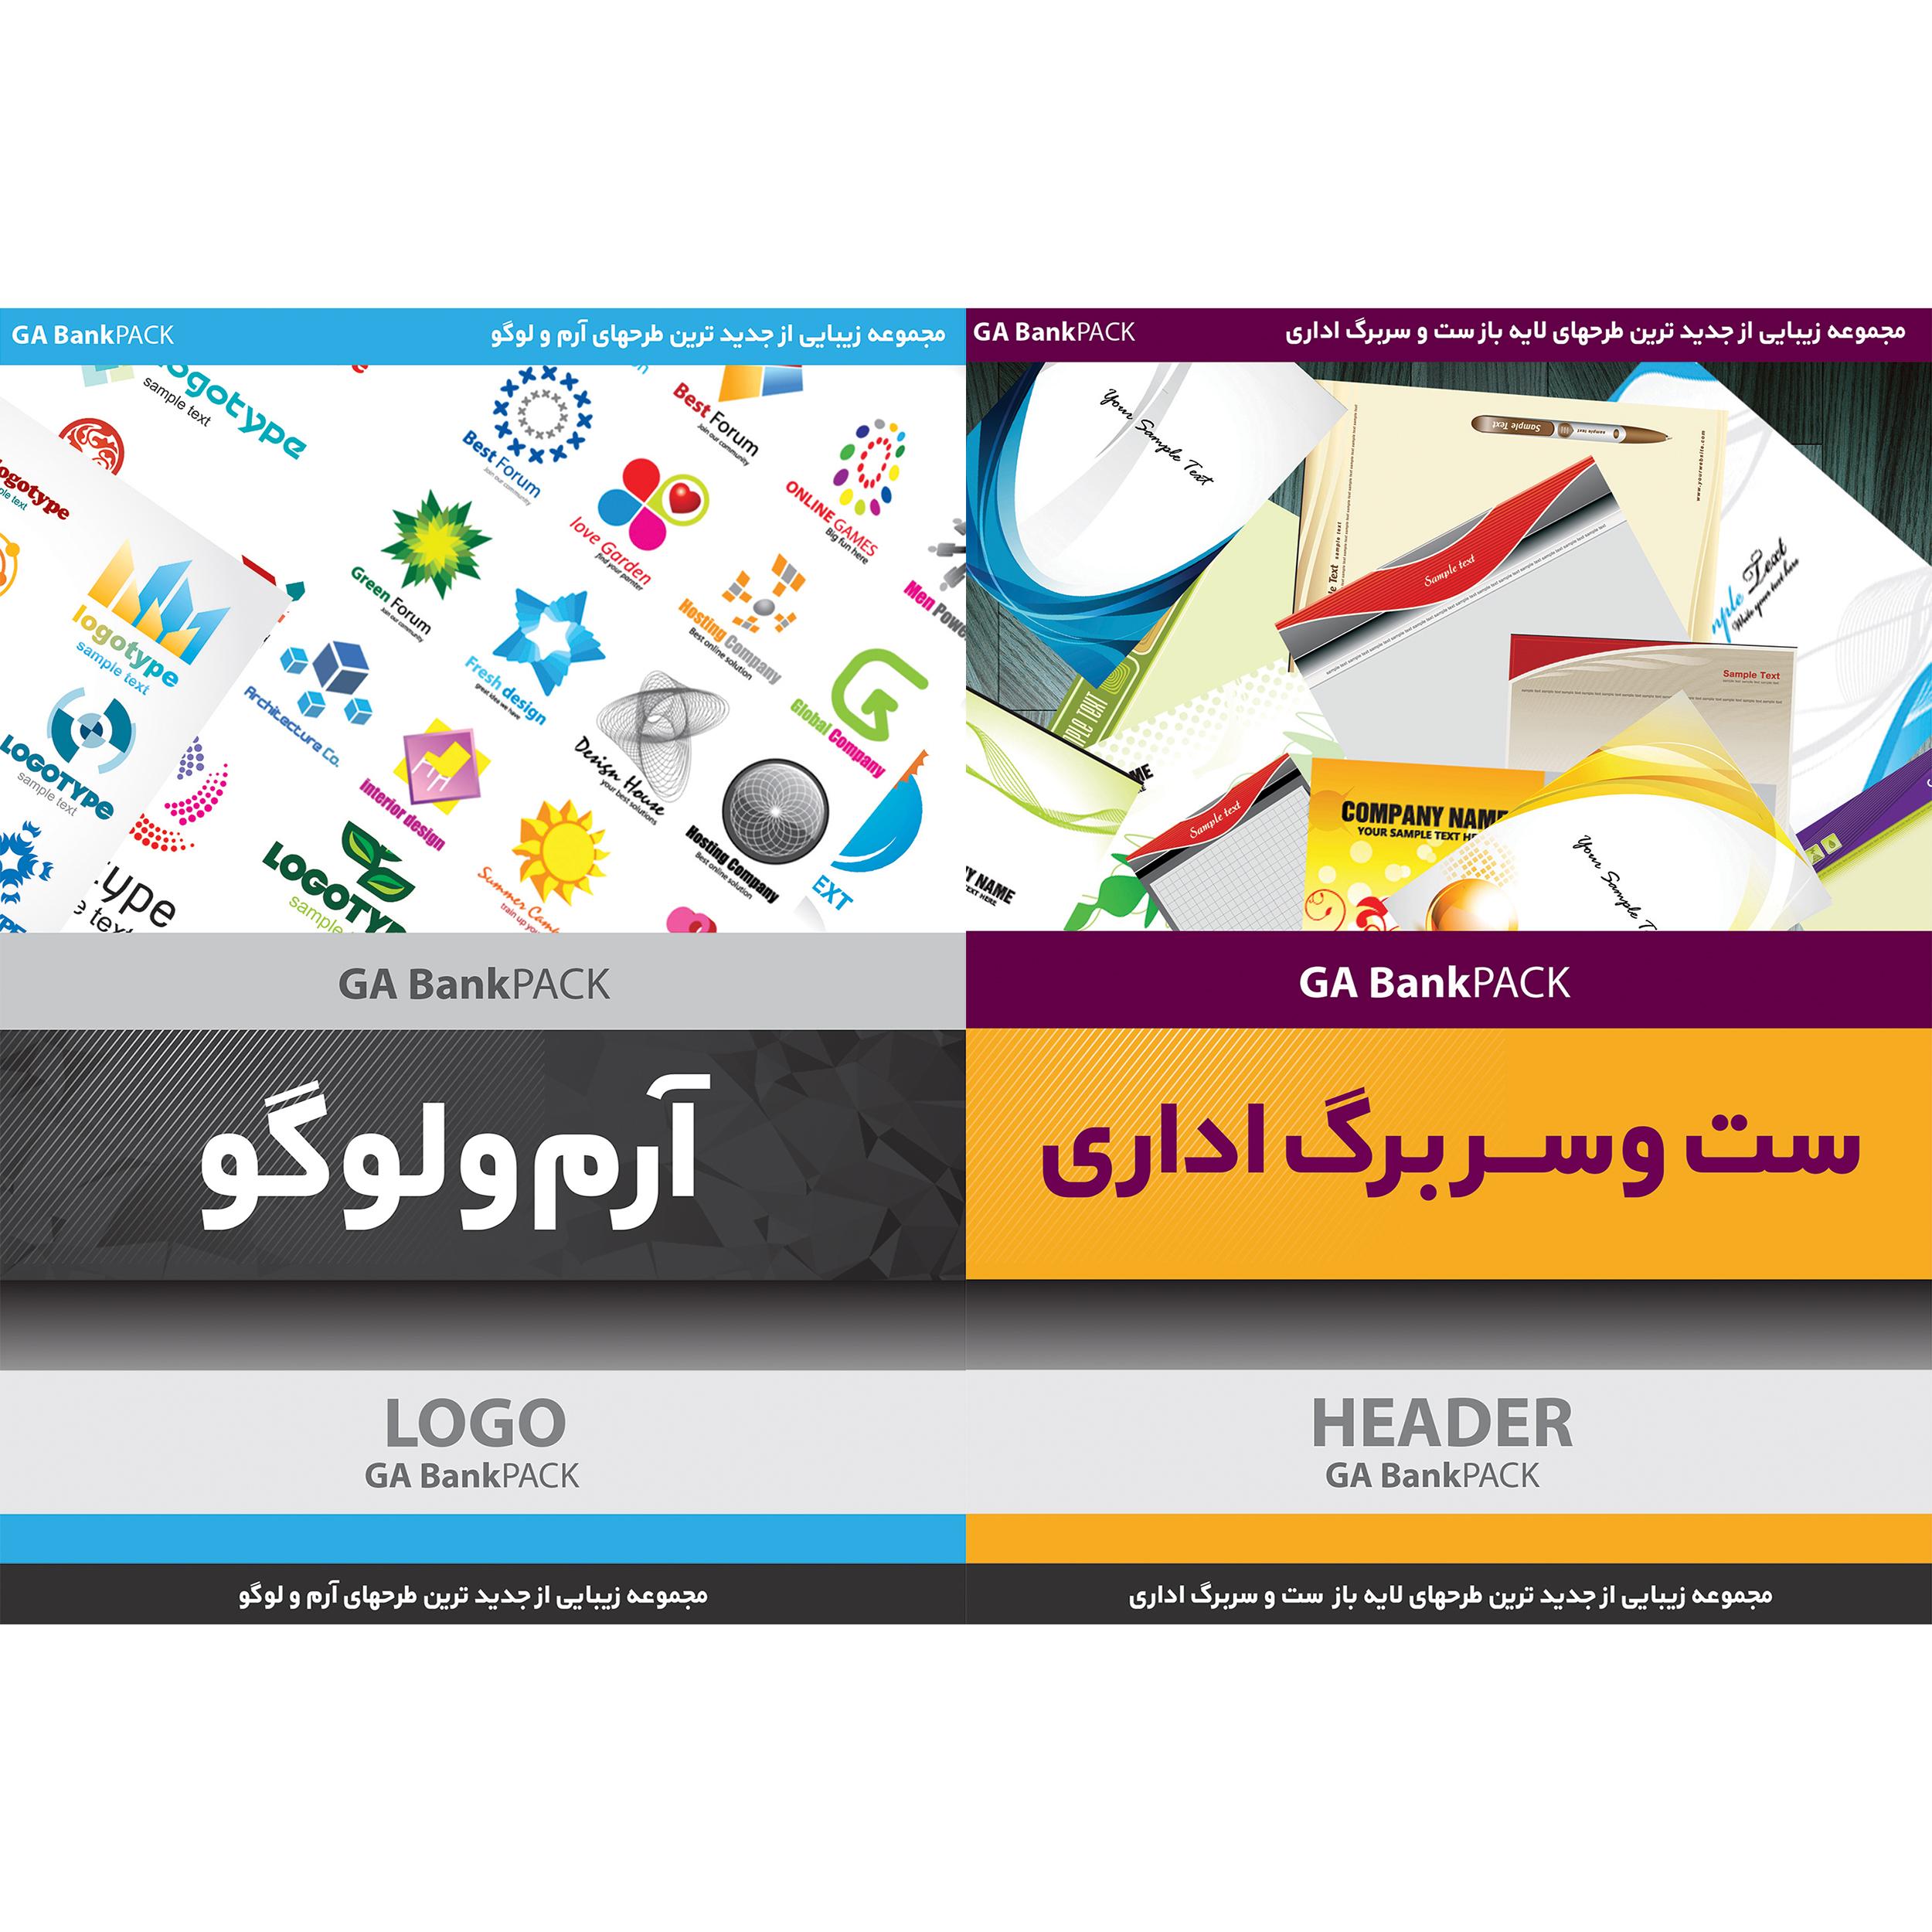 مجموعه طرح های لایه باز ست و سربرگ اداری نشر جی ای بانک به همراه مجموعه طرح های آرم و لوگو نشر جی ای بانک